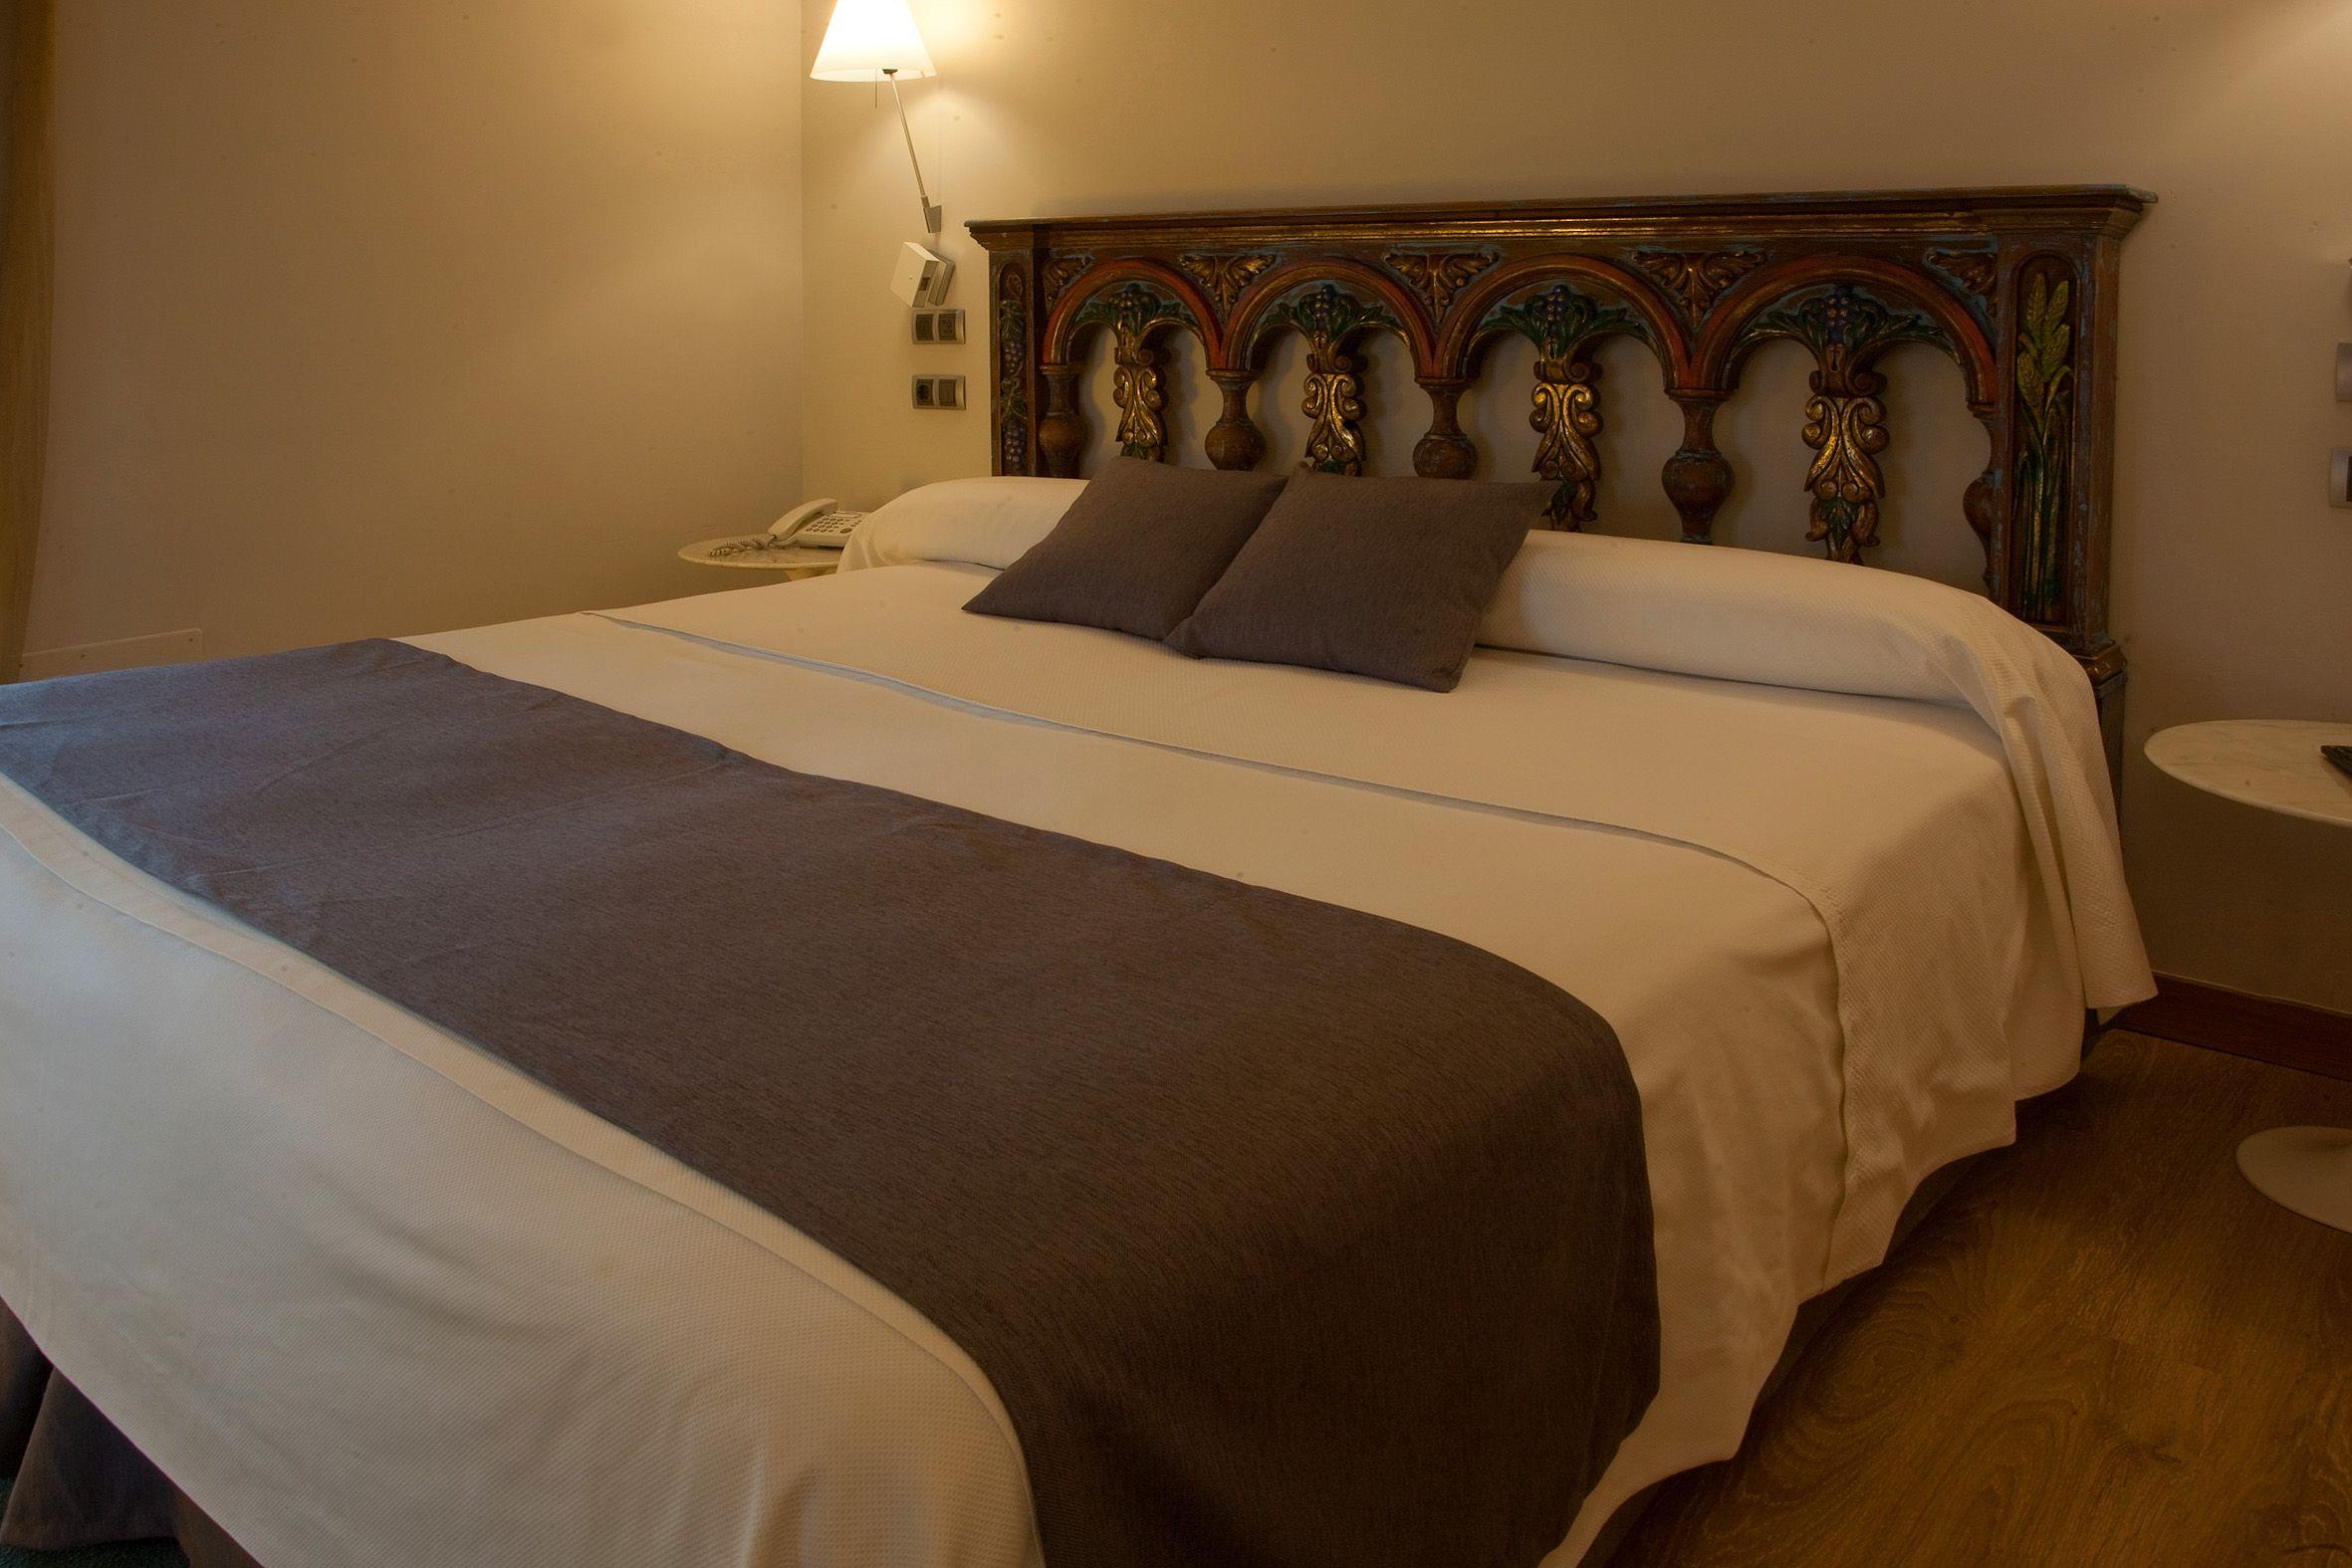 Habitaciones dobles en Estella, Navarra